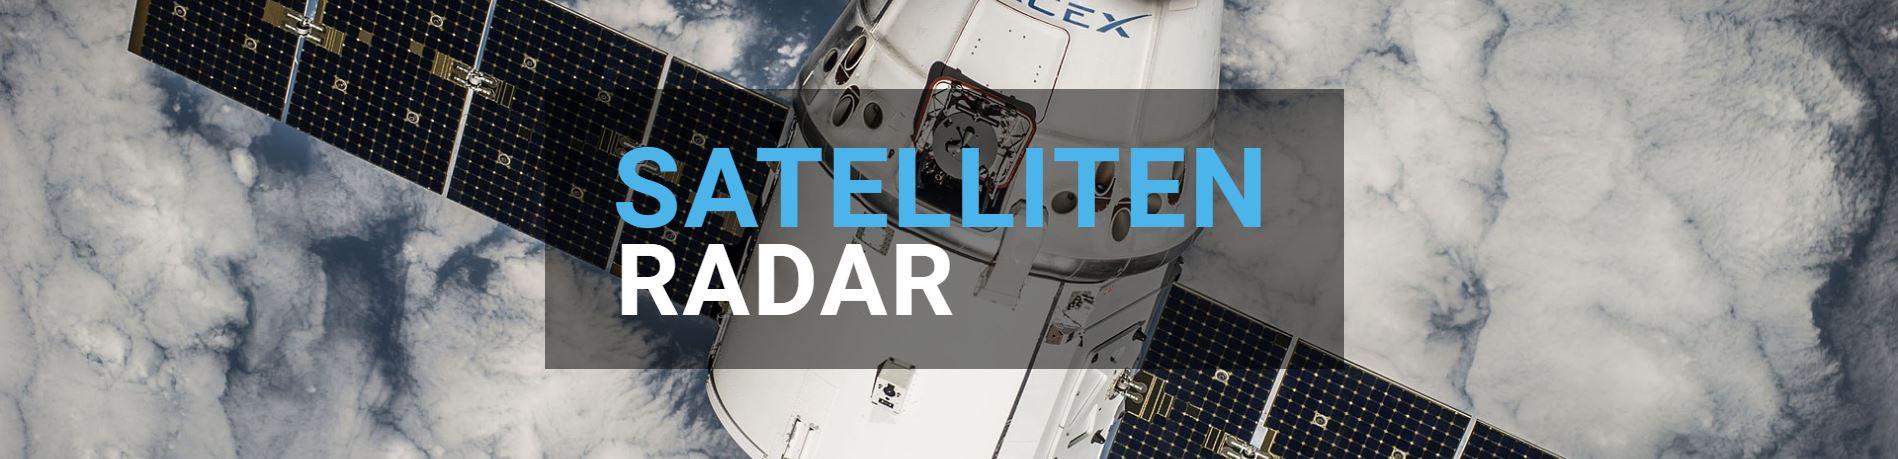 Satellitenradar-Slider